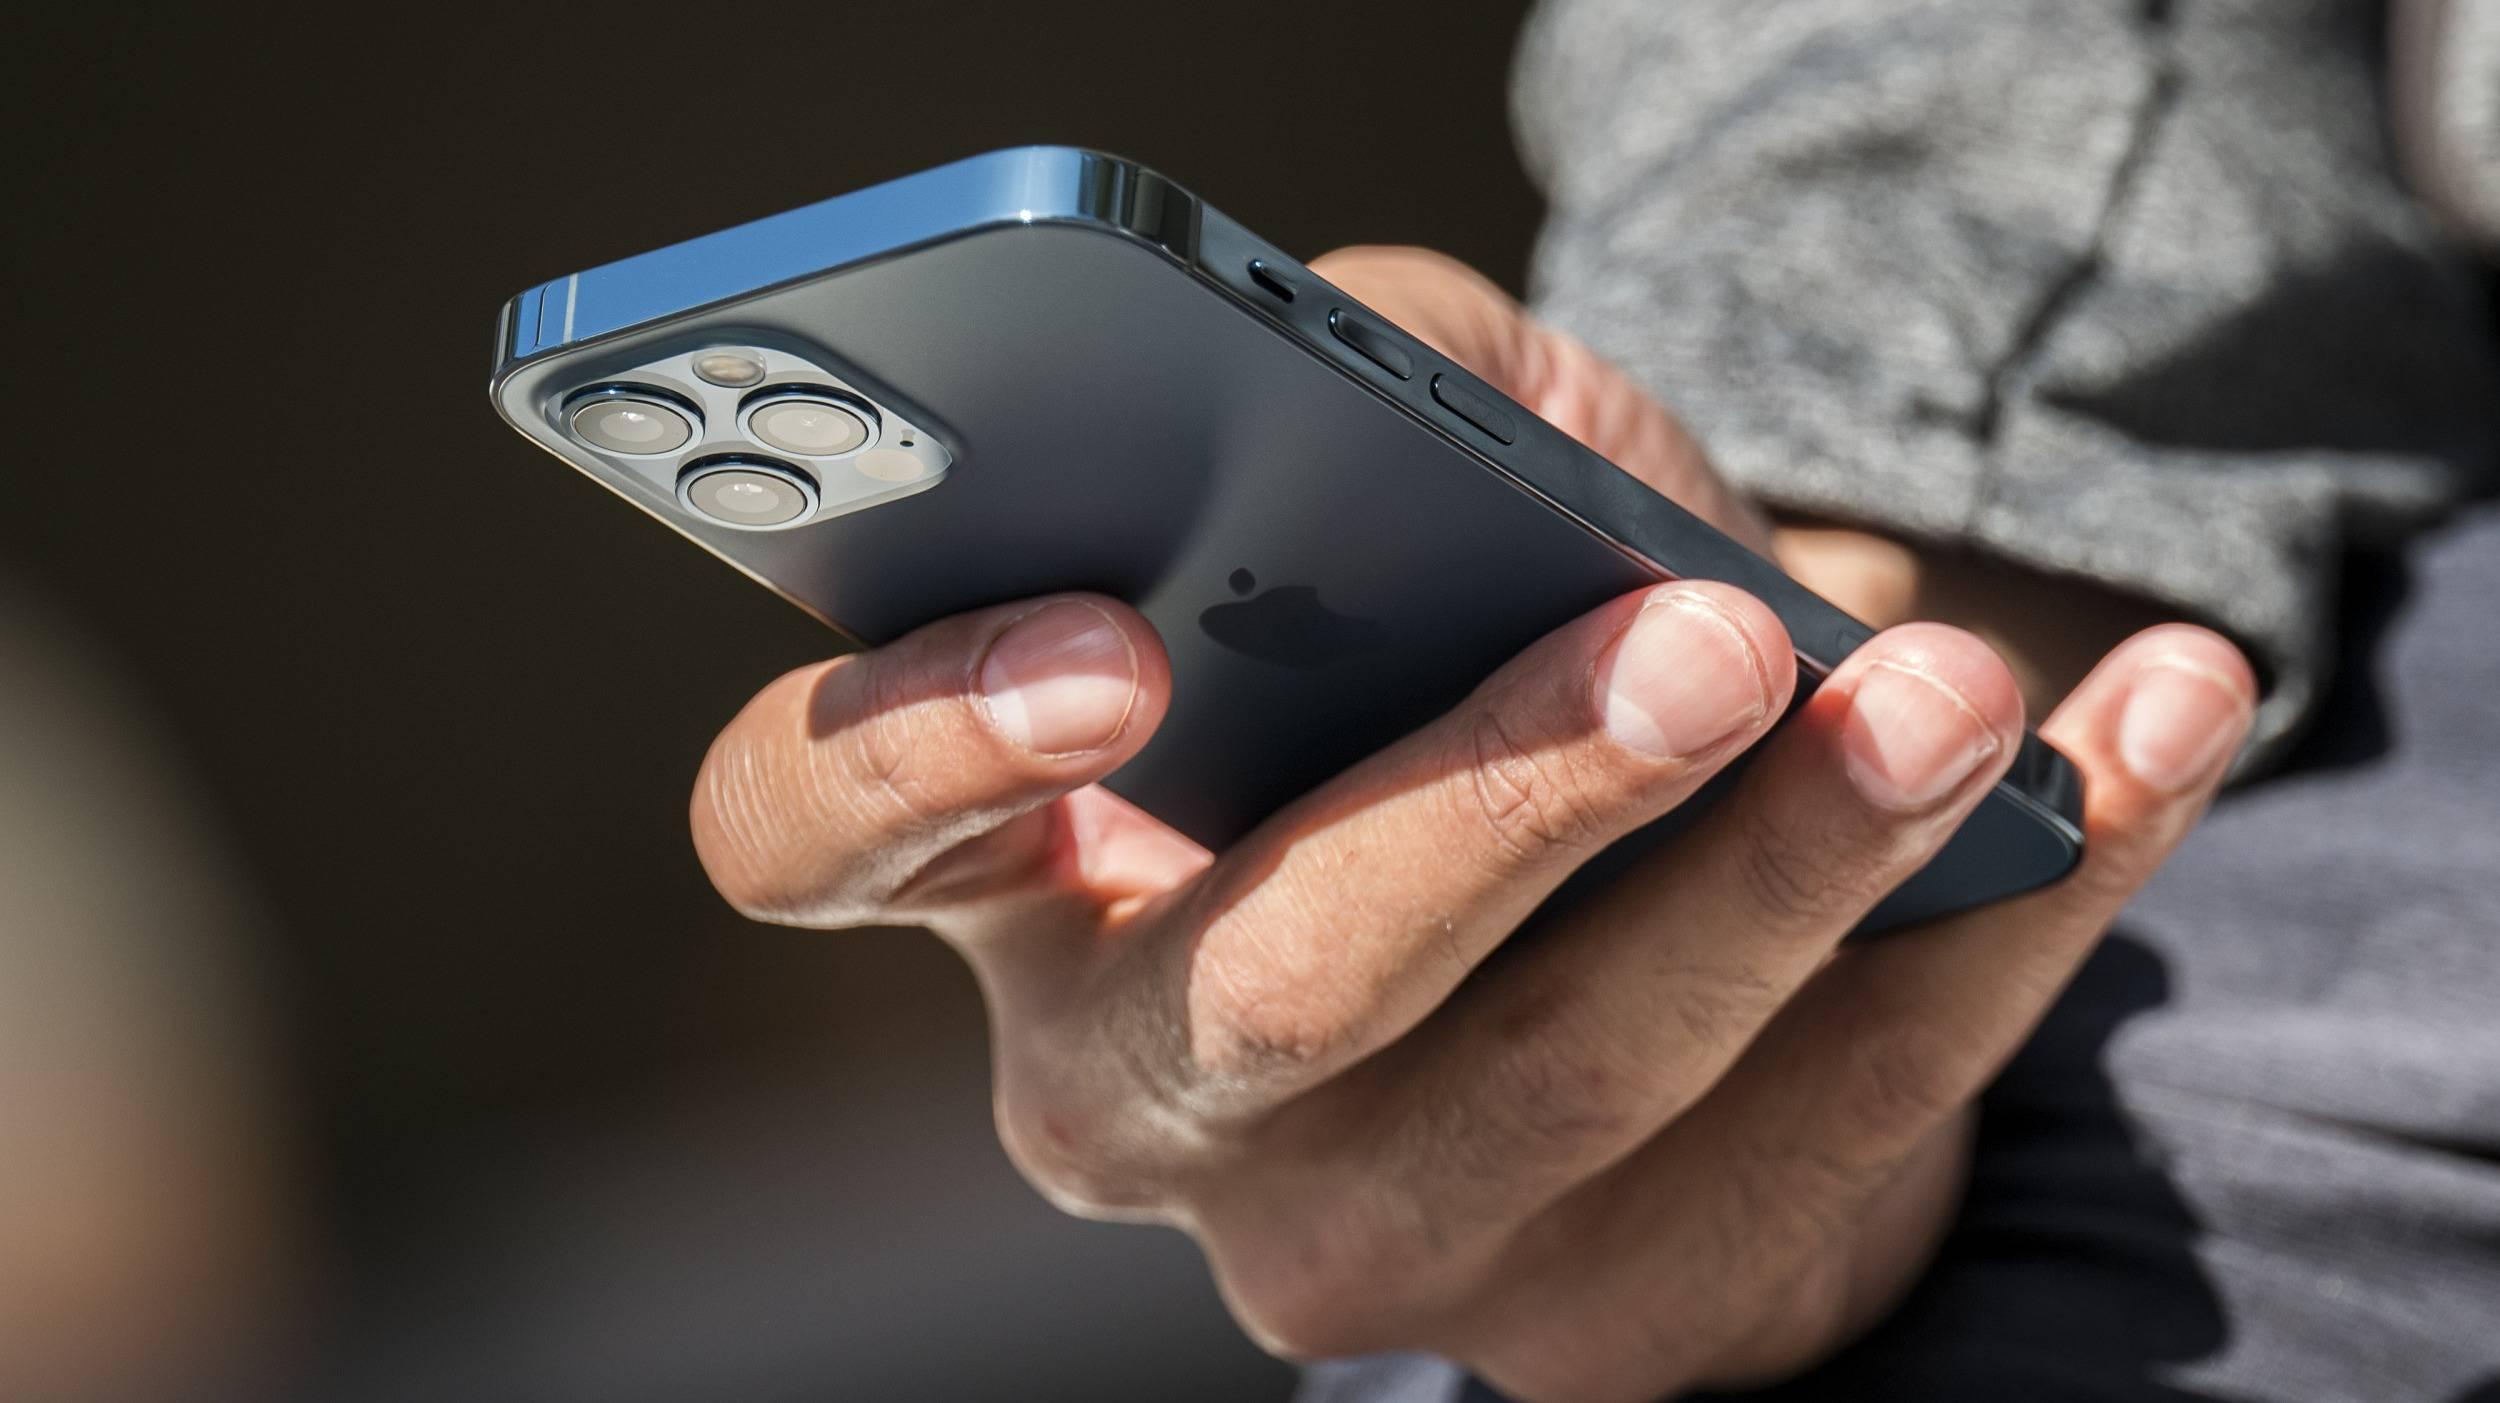 让iPhone 提升幸福感和使用体验的十个方法设置